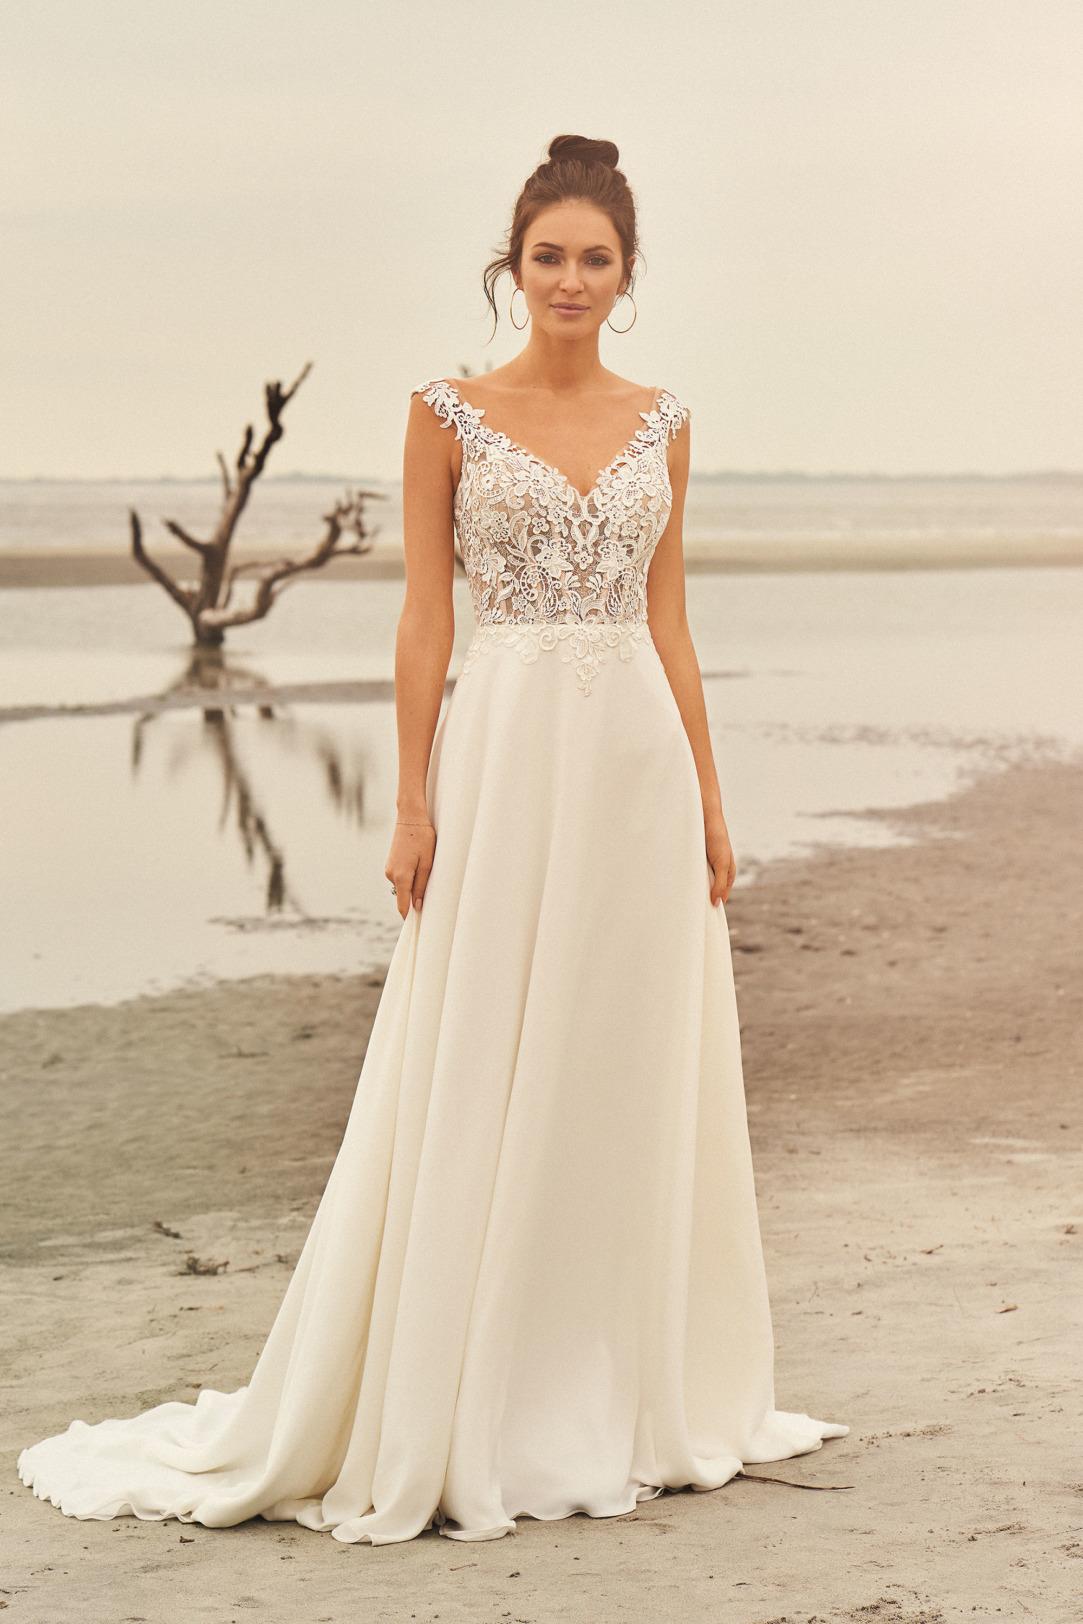 Brautkleider Hochzeitskleider Lilian West Empire Stil Style Form Spitze lang schlicht Vintage mit V Ausschnitt transparent Look mit Chiffon Rock kleine Schleppe